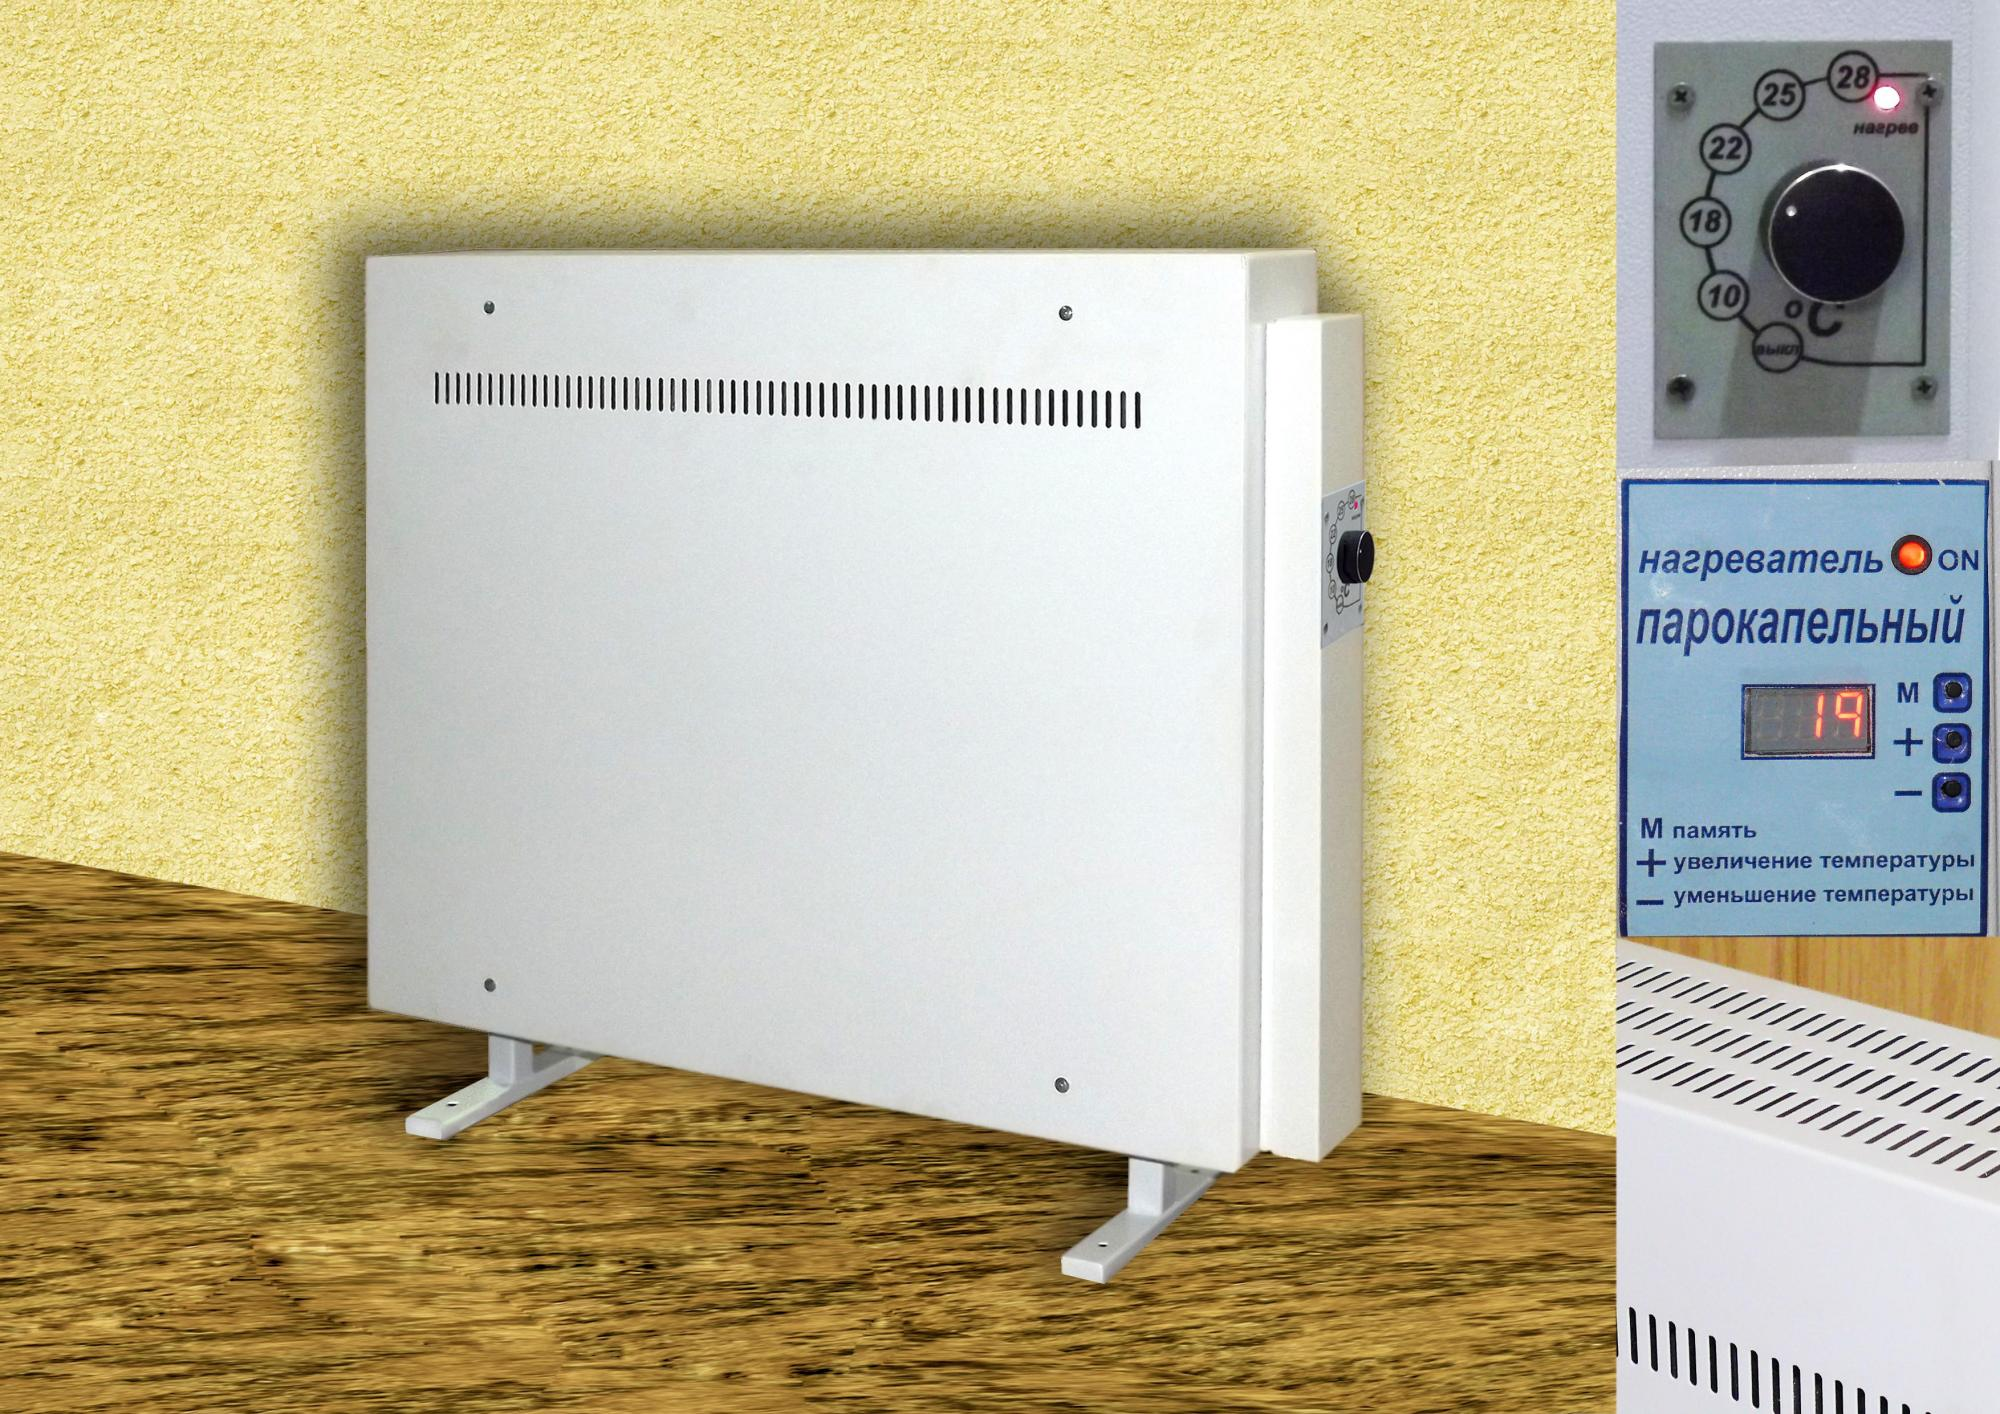 Парокапельные обогреватели: принцип работы, устройство и преимущества применения